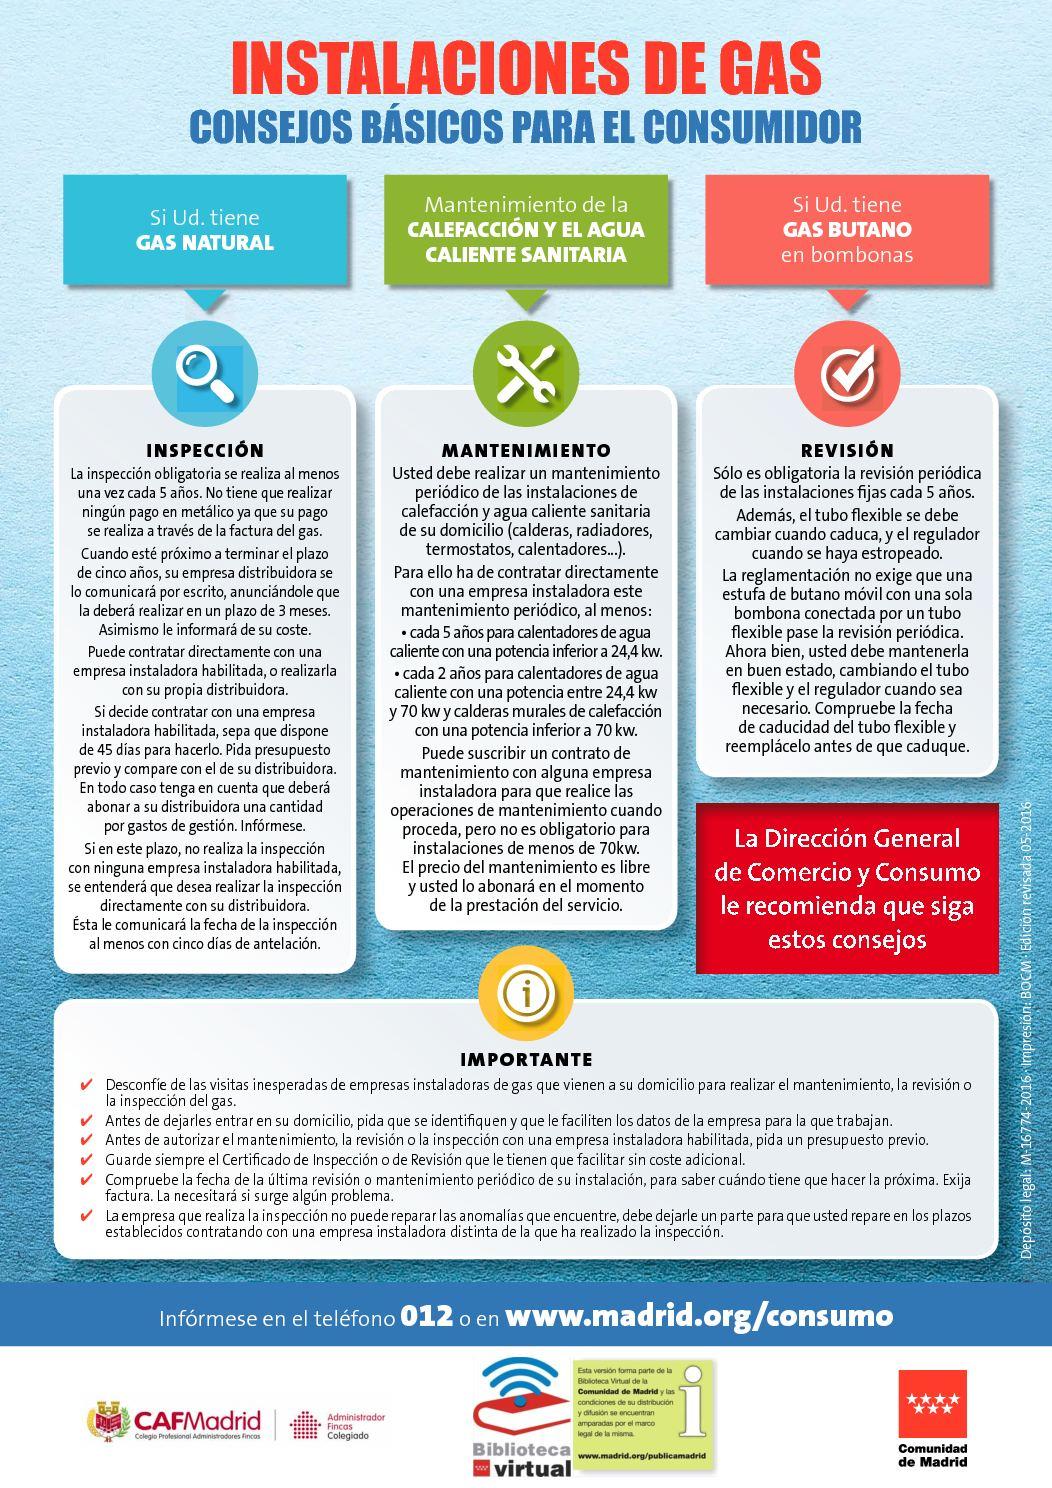 Revision de gas butano stunning toda la verdad estafas en for Revision gas butano empresas autorizadas